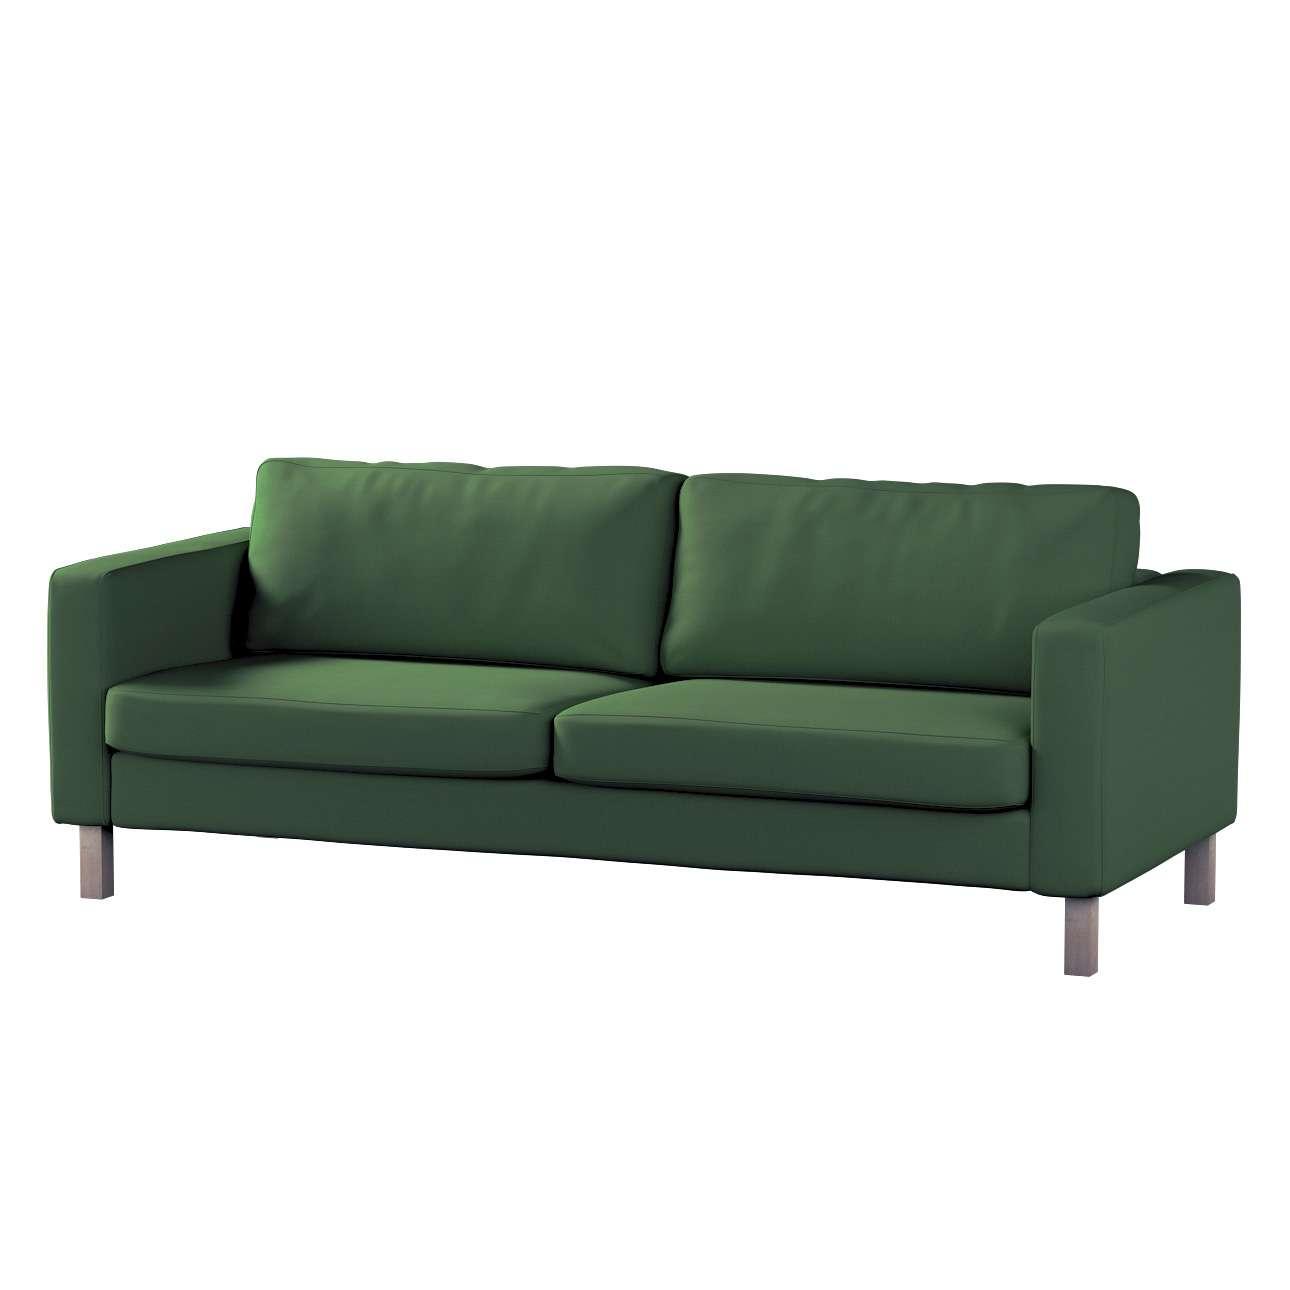 Karlstad 2-Sitzer Schlafsofabezug Karlstad 2-Sitzer ausklappbar von der Kollektion Cotton Panama, Stoff: 702-06